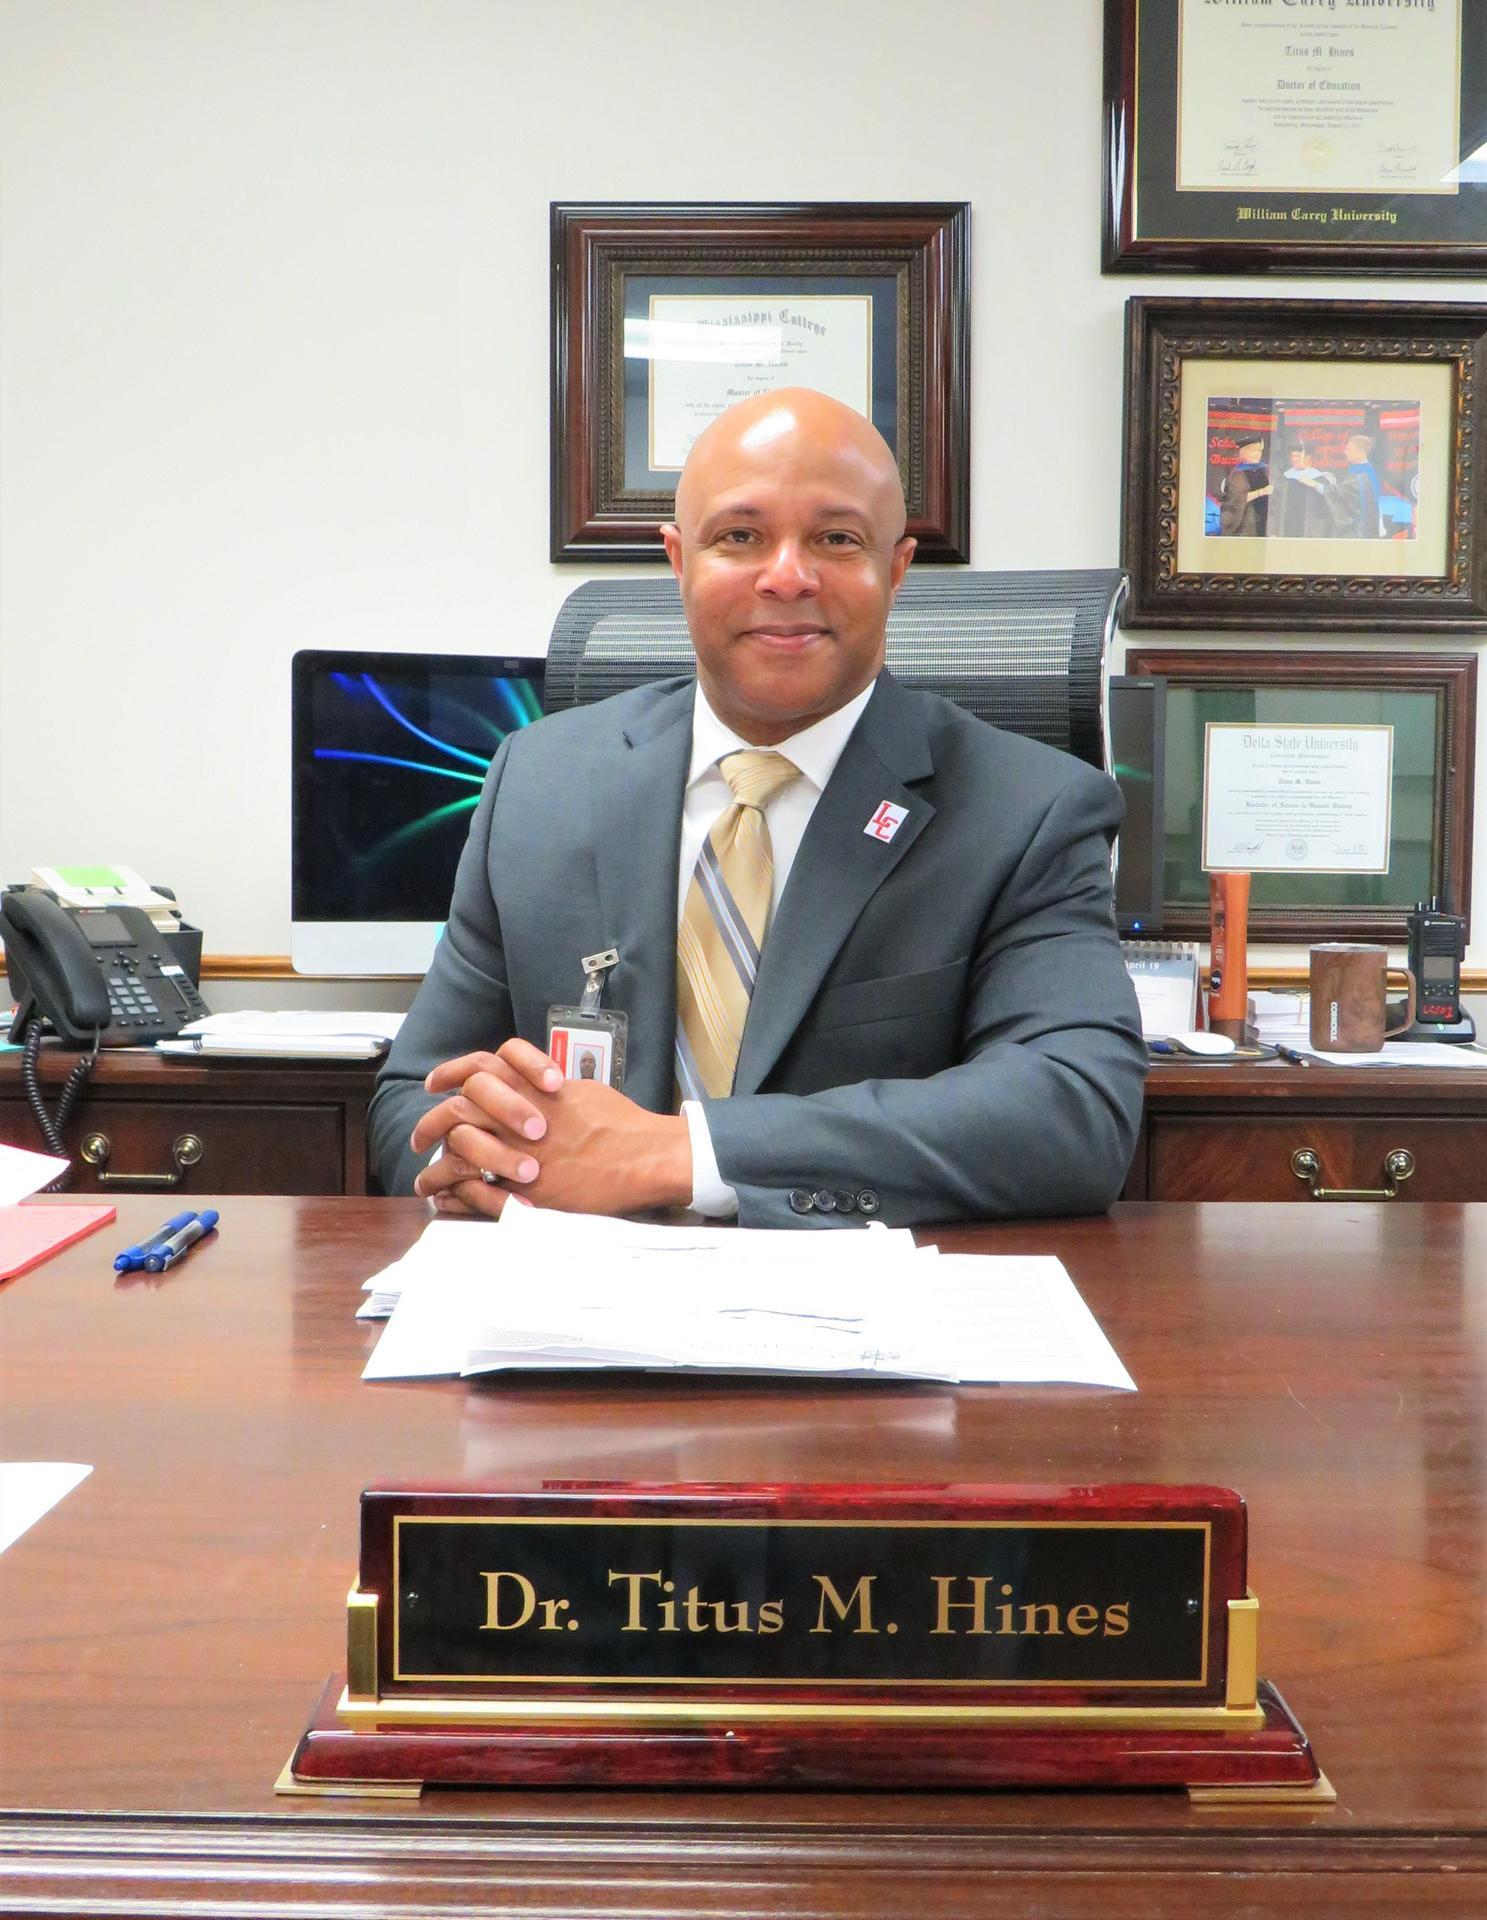 Dr. Titus M. Hines, Superintendent